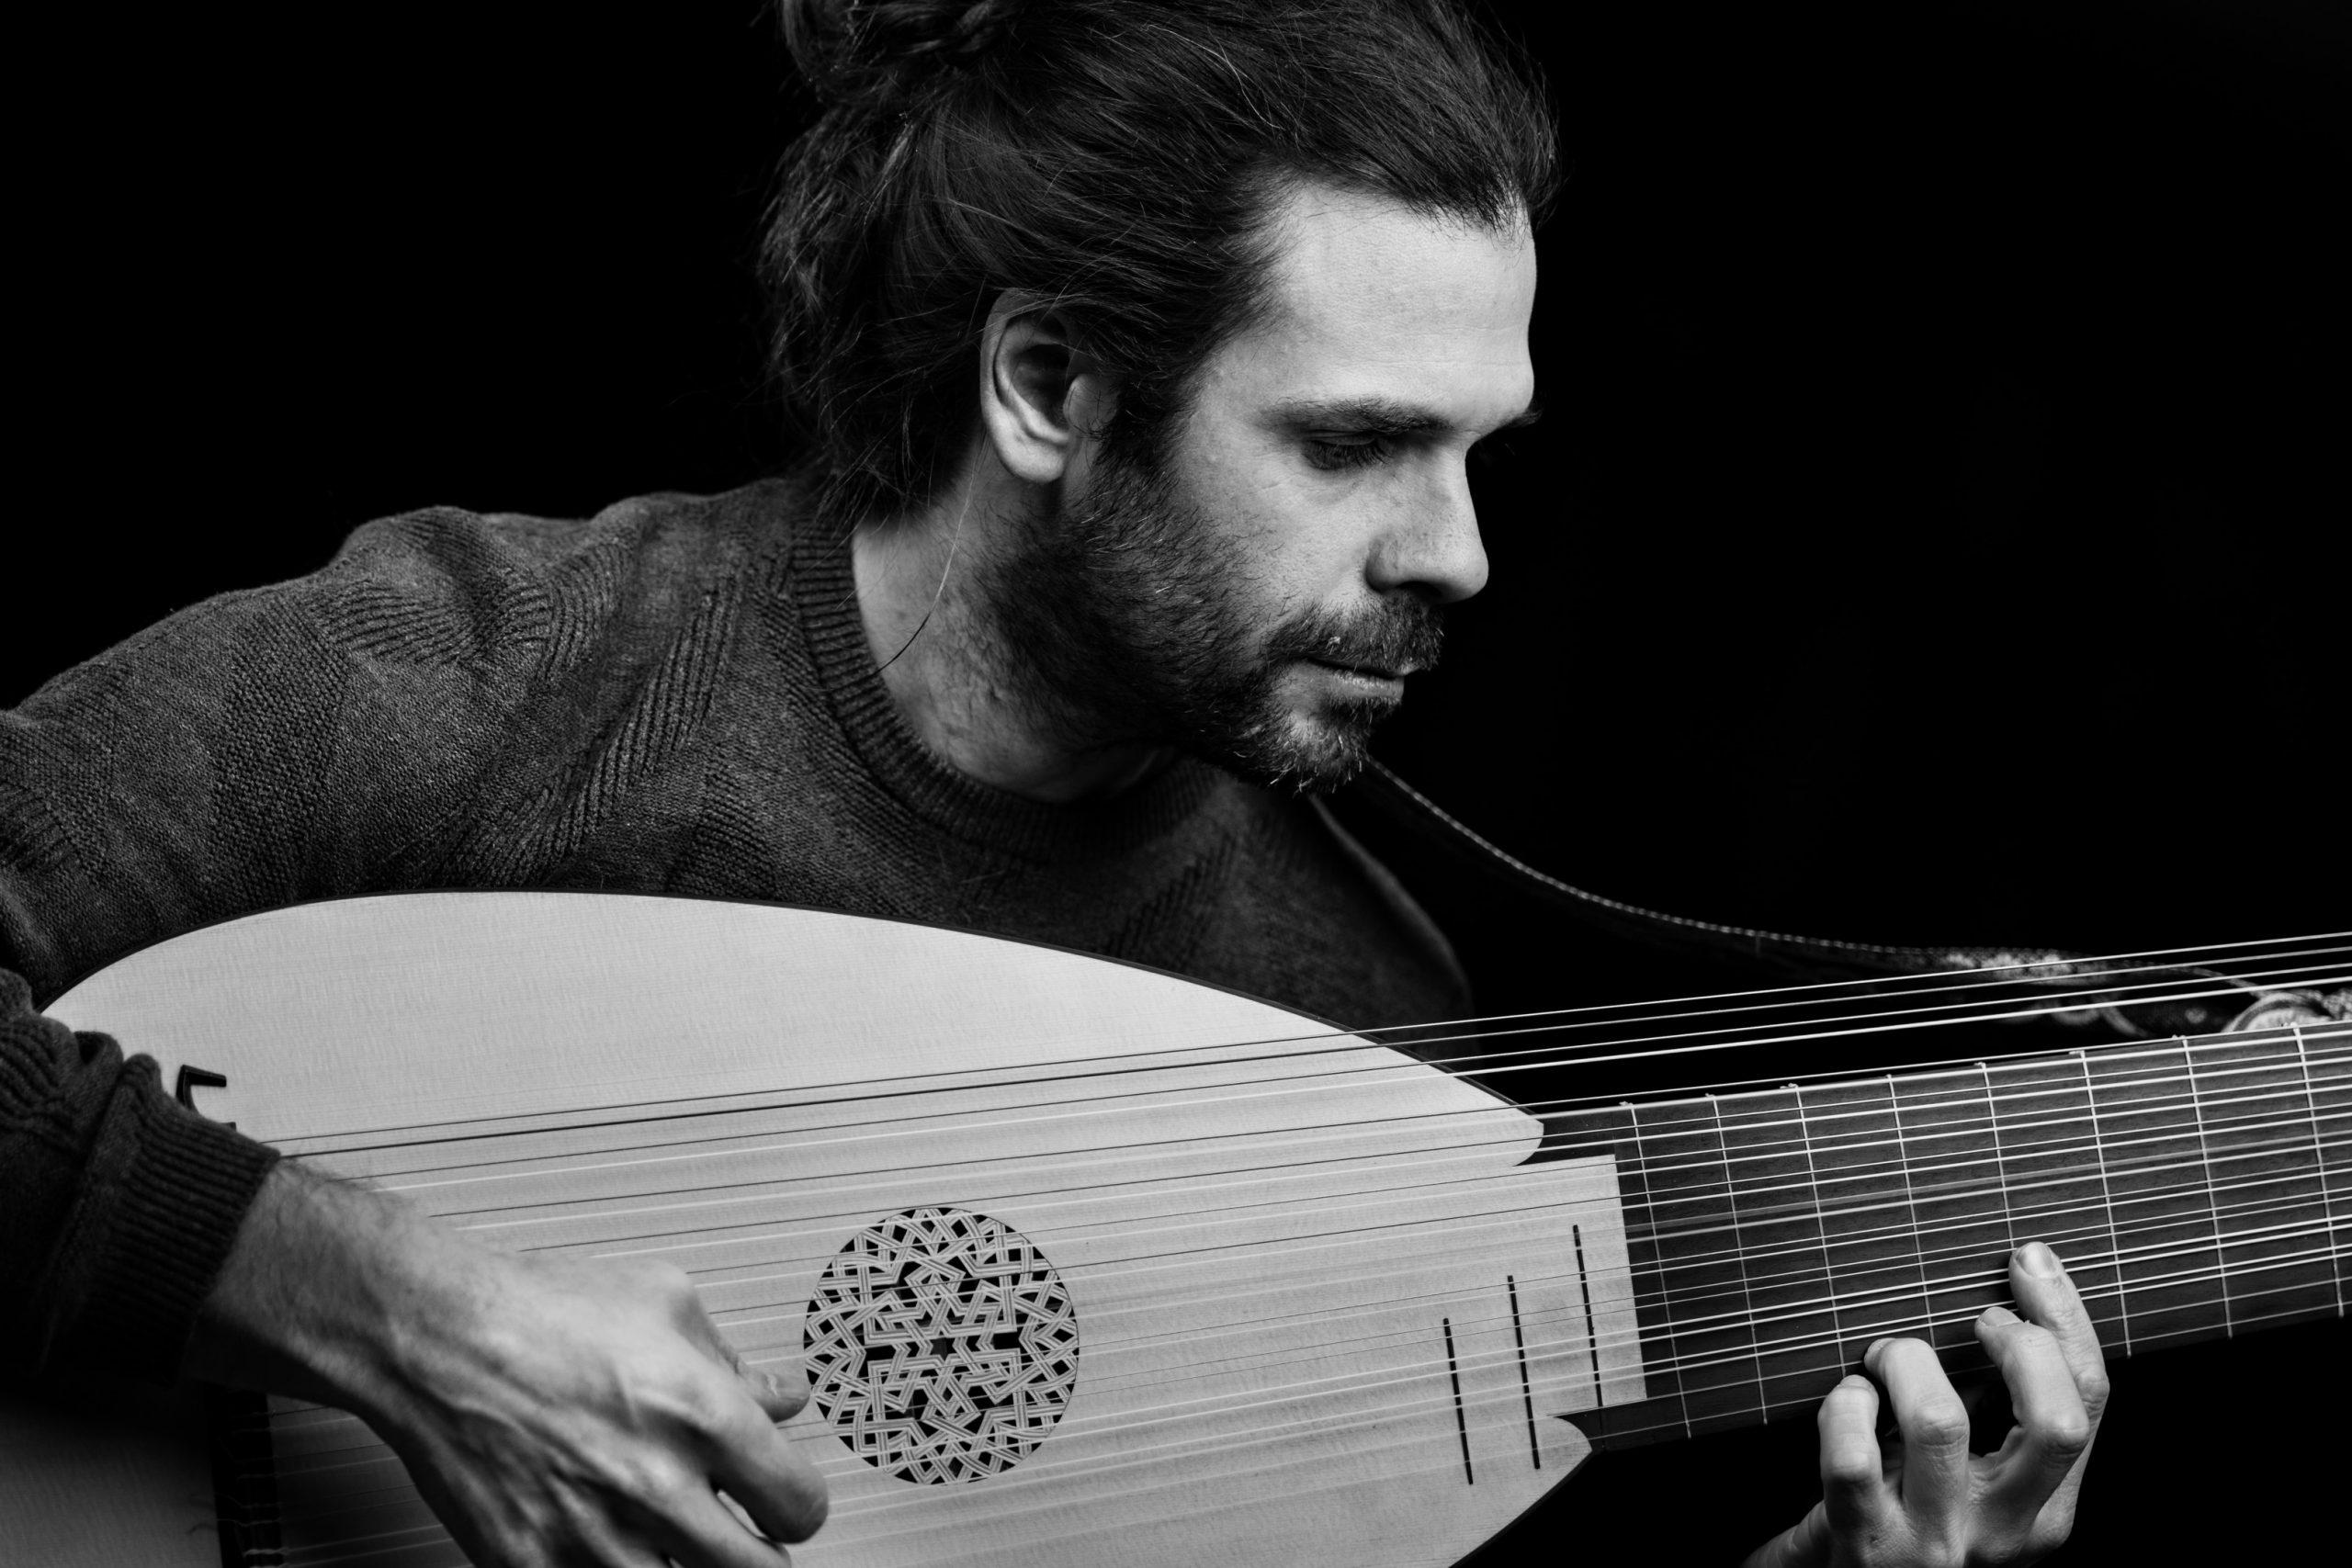 Miguel-Rincón-Rodriguez_GUITAR_PHOTO